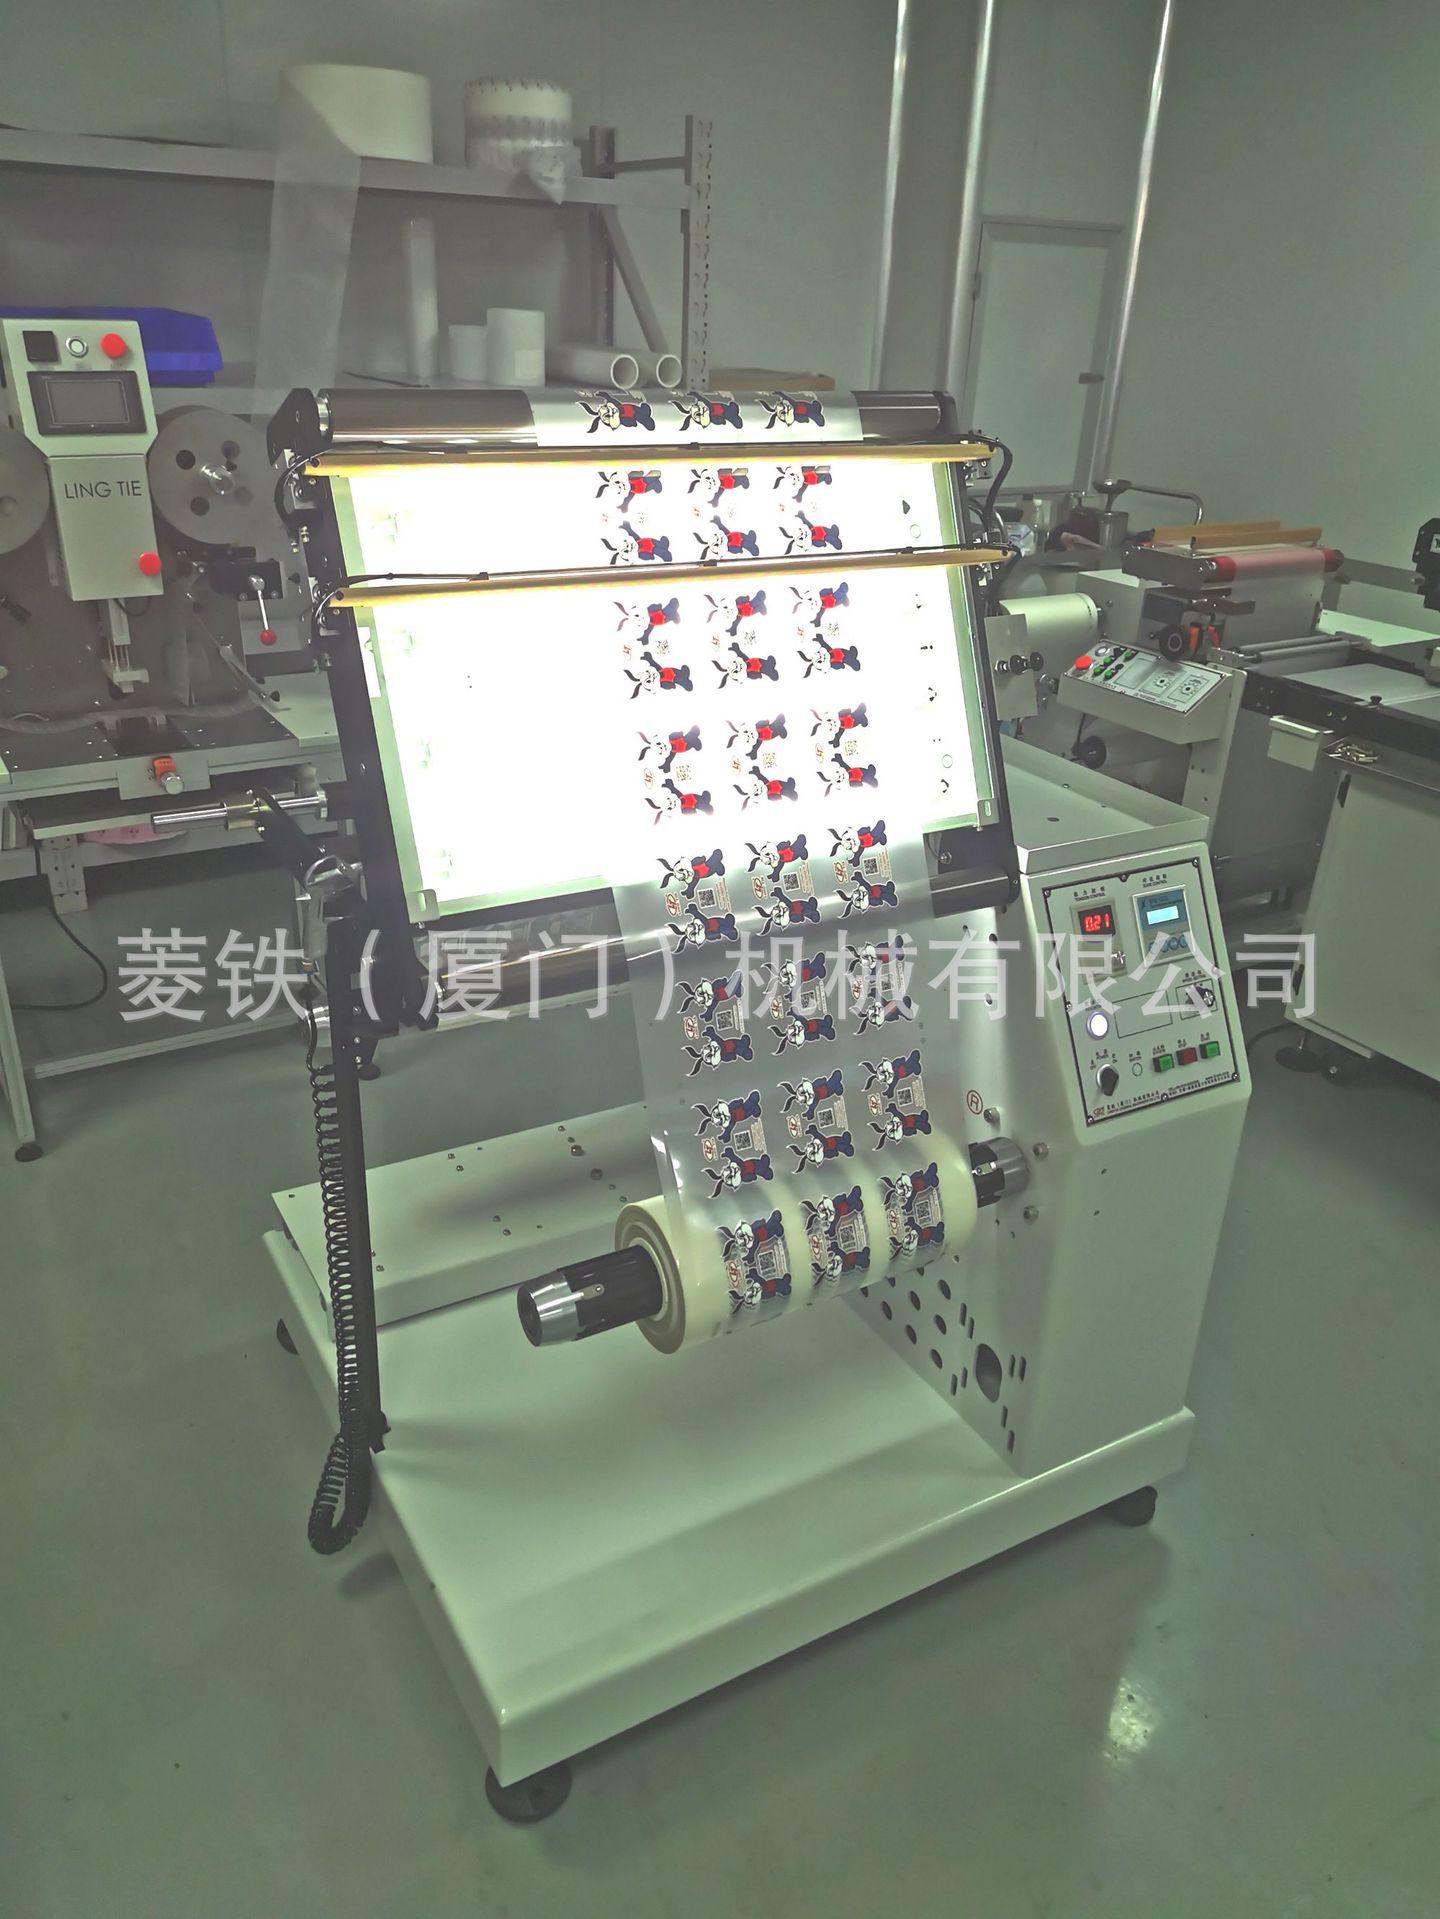 自动品检机 多功能品检纠偏复卷机 品检倒卷机 接料台